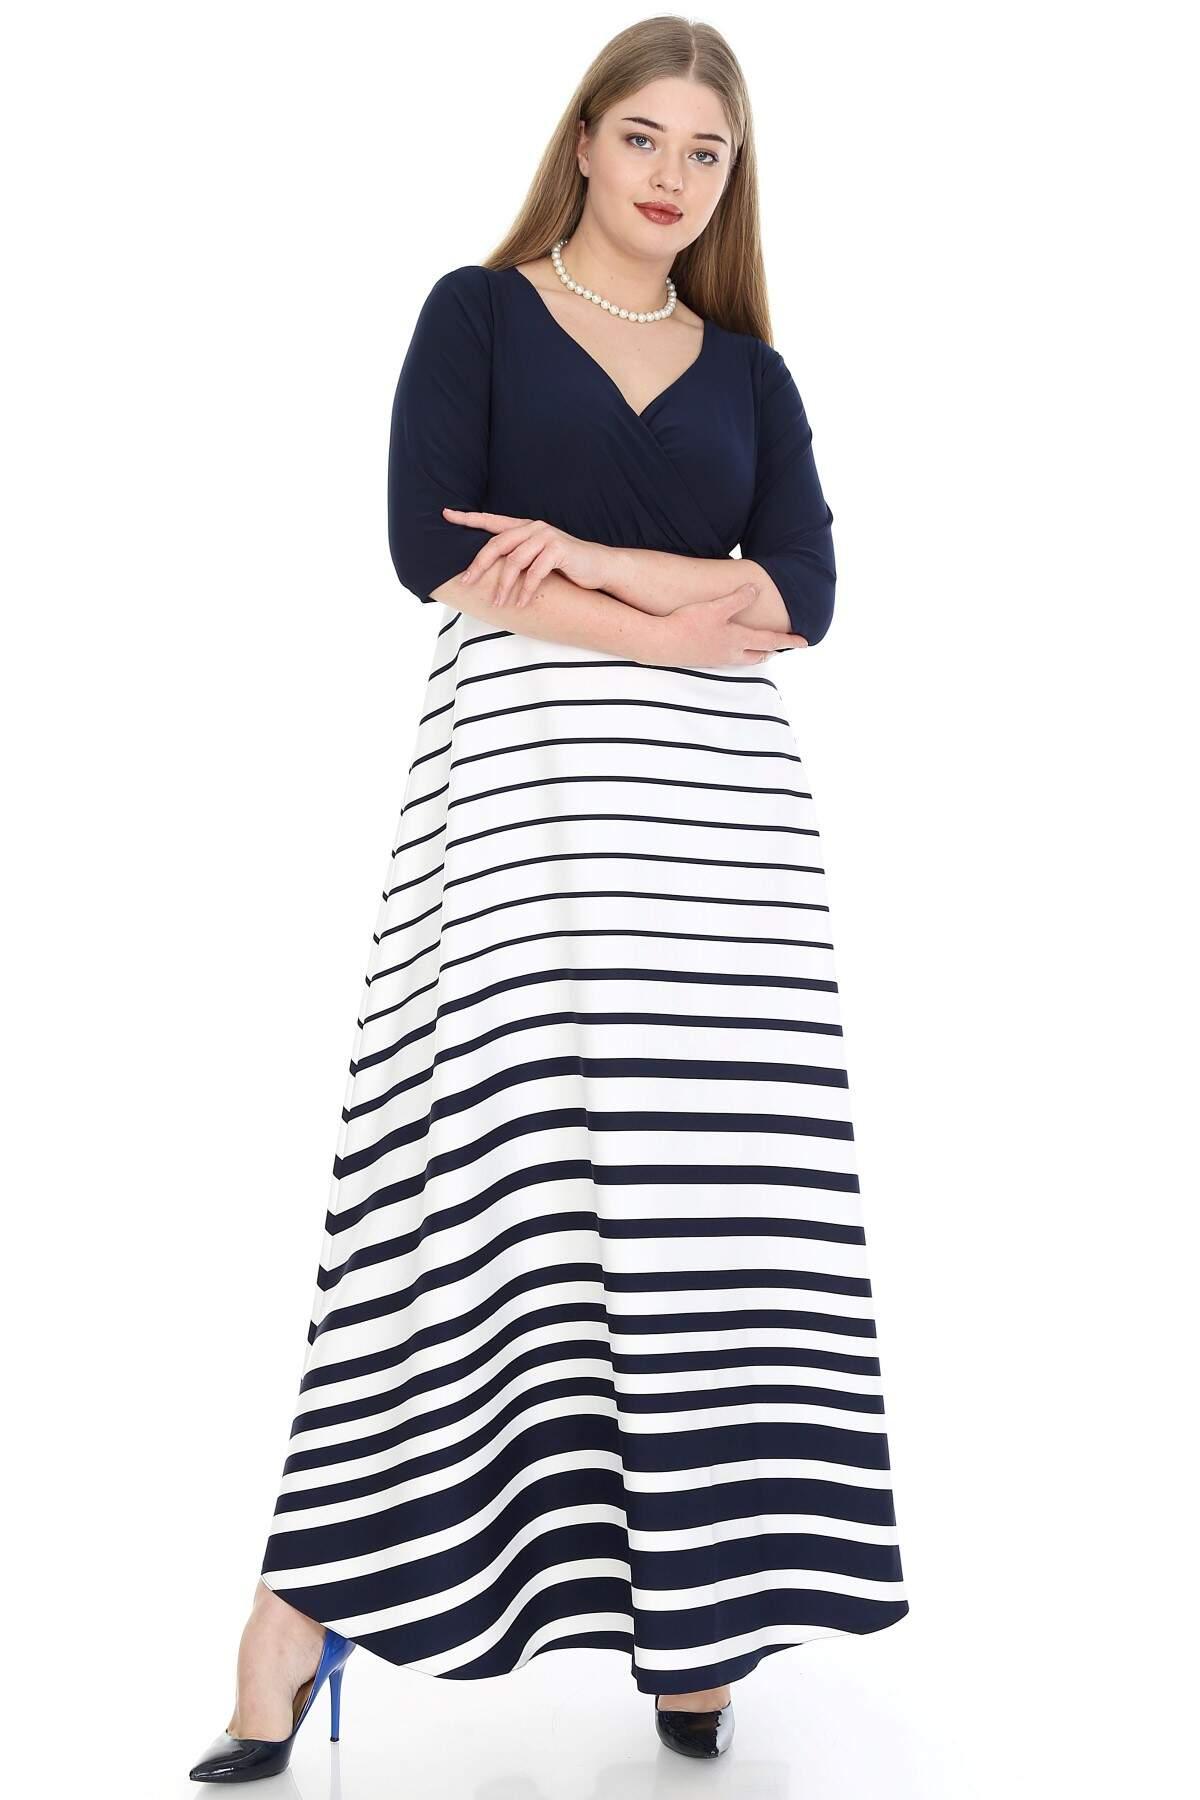 Büyük Beden Elbise Çizgili KL8003u